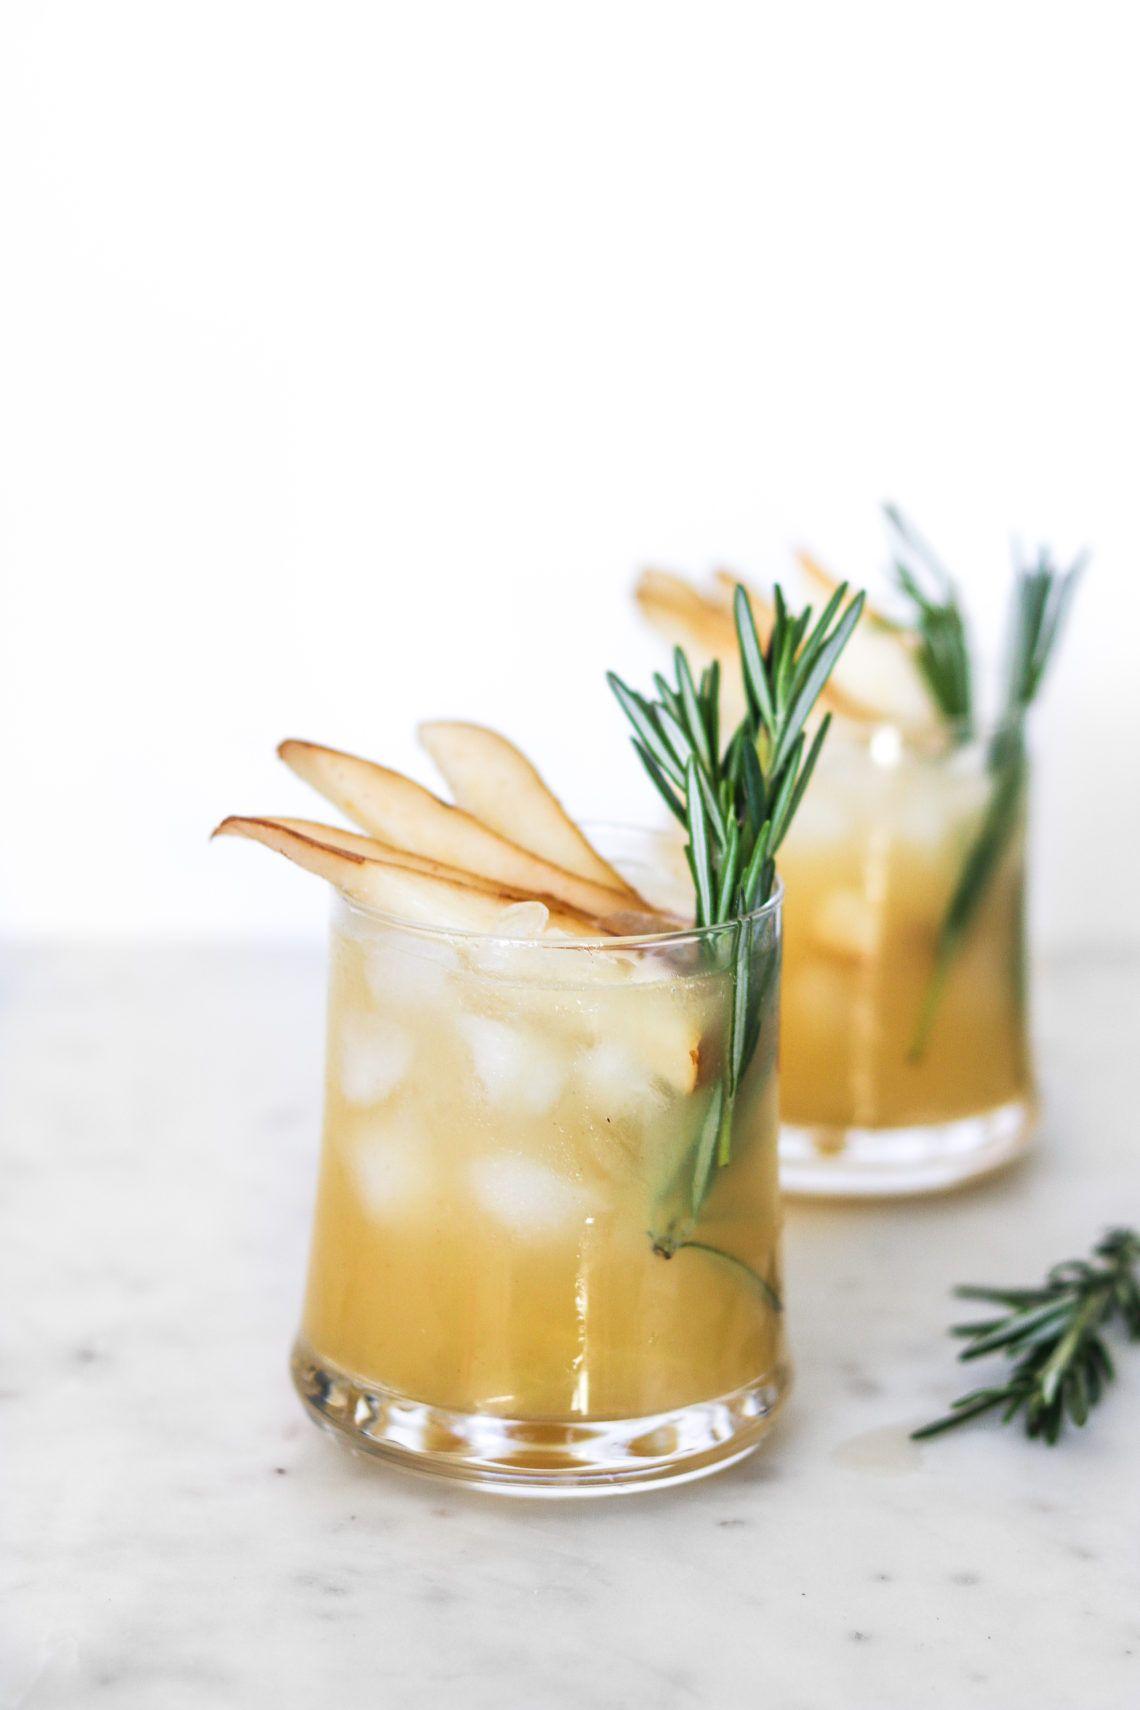 Pear Vanilla Rosemary Cocktail Recipe Rosemary Cocktail Pear Vanilla Cocktail Pear Cocktails